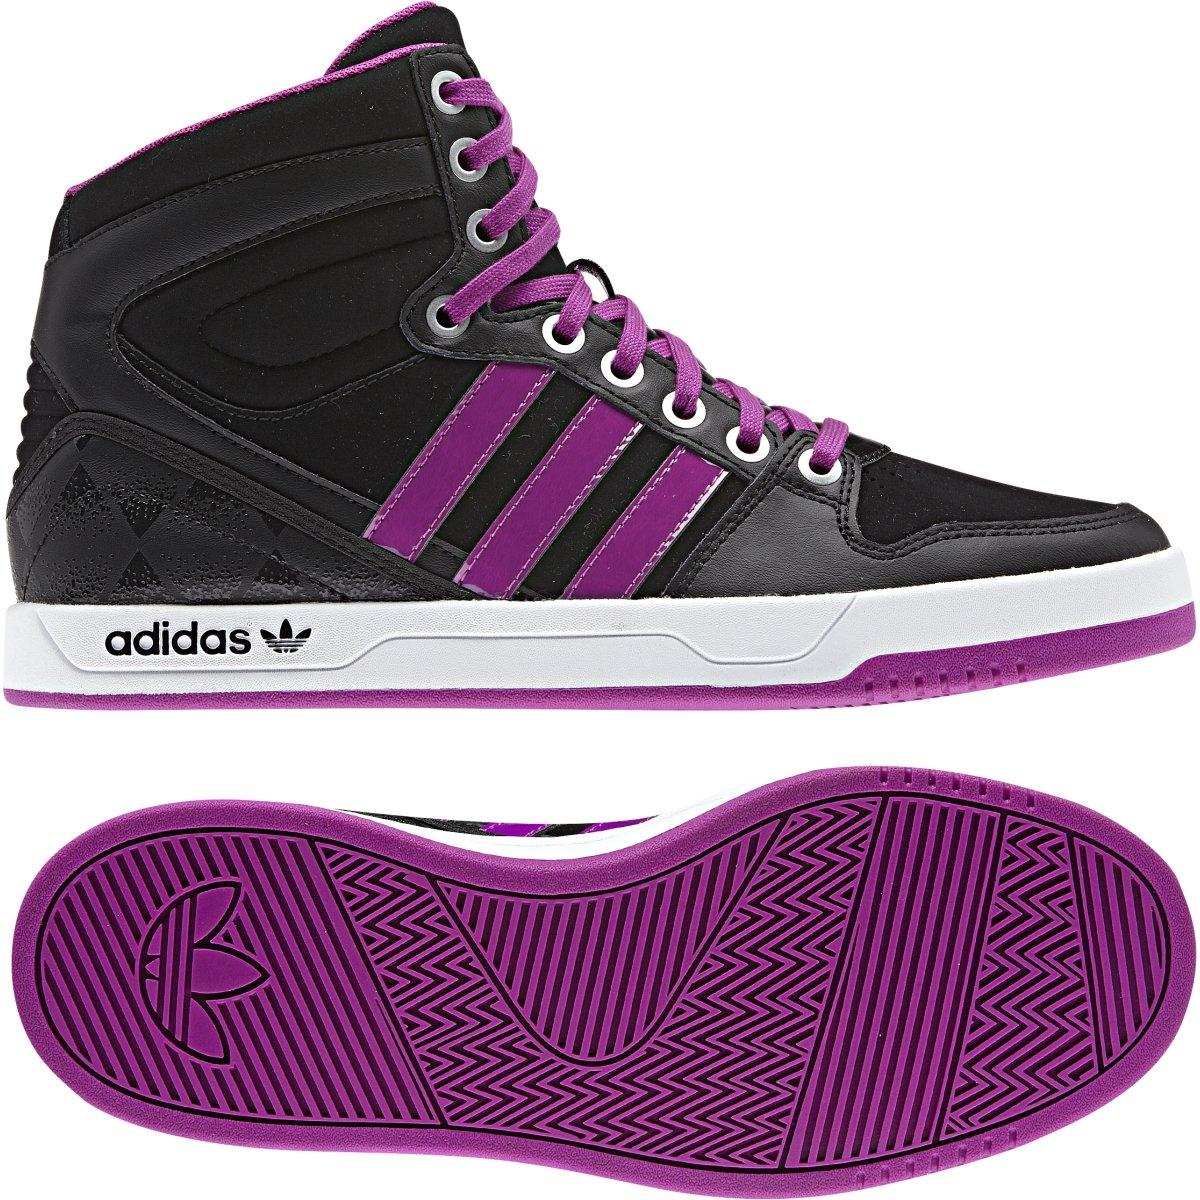 Women's Court Attitude Shoes - G99926